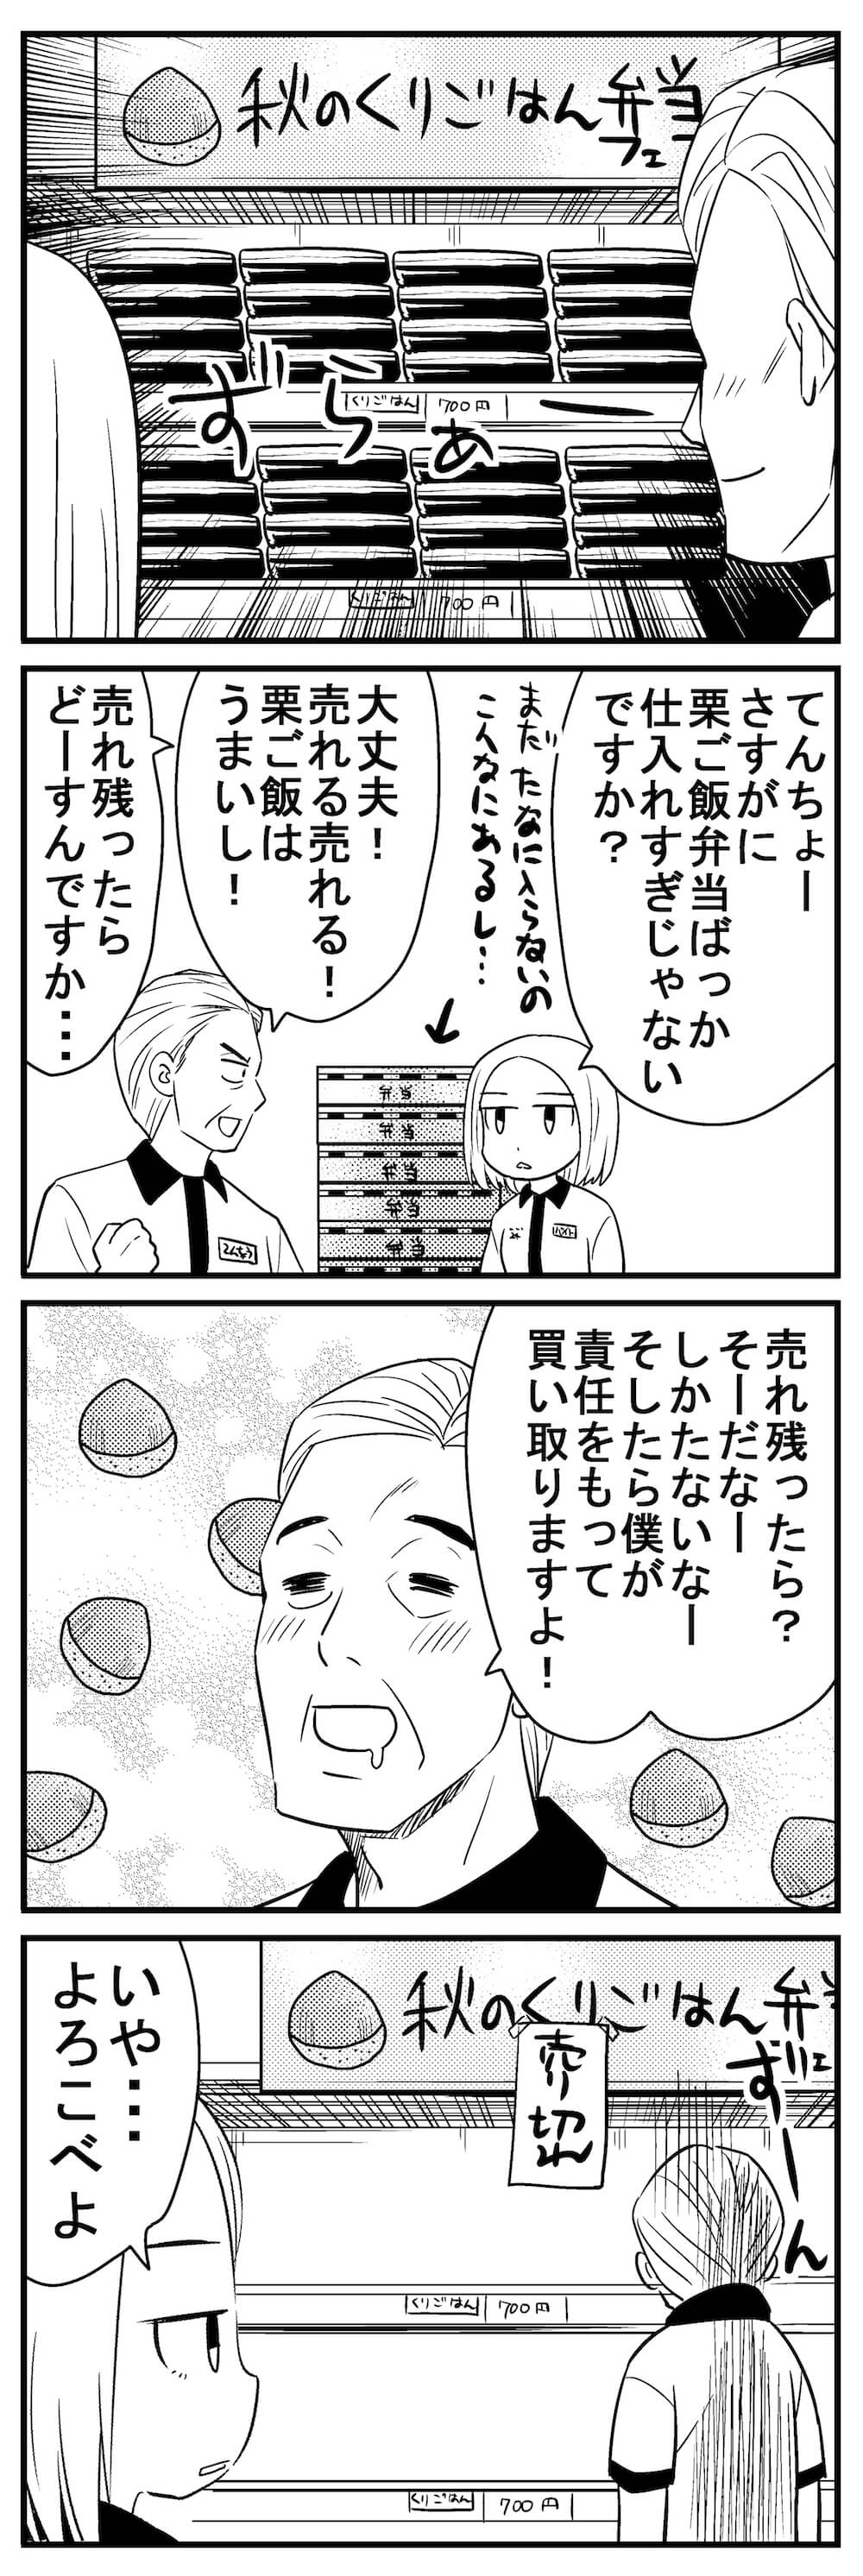 今日のてんちょー1012